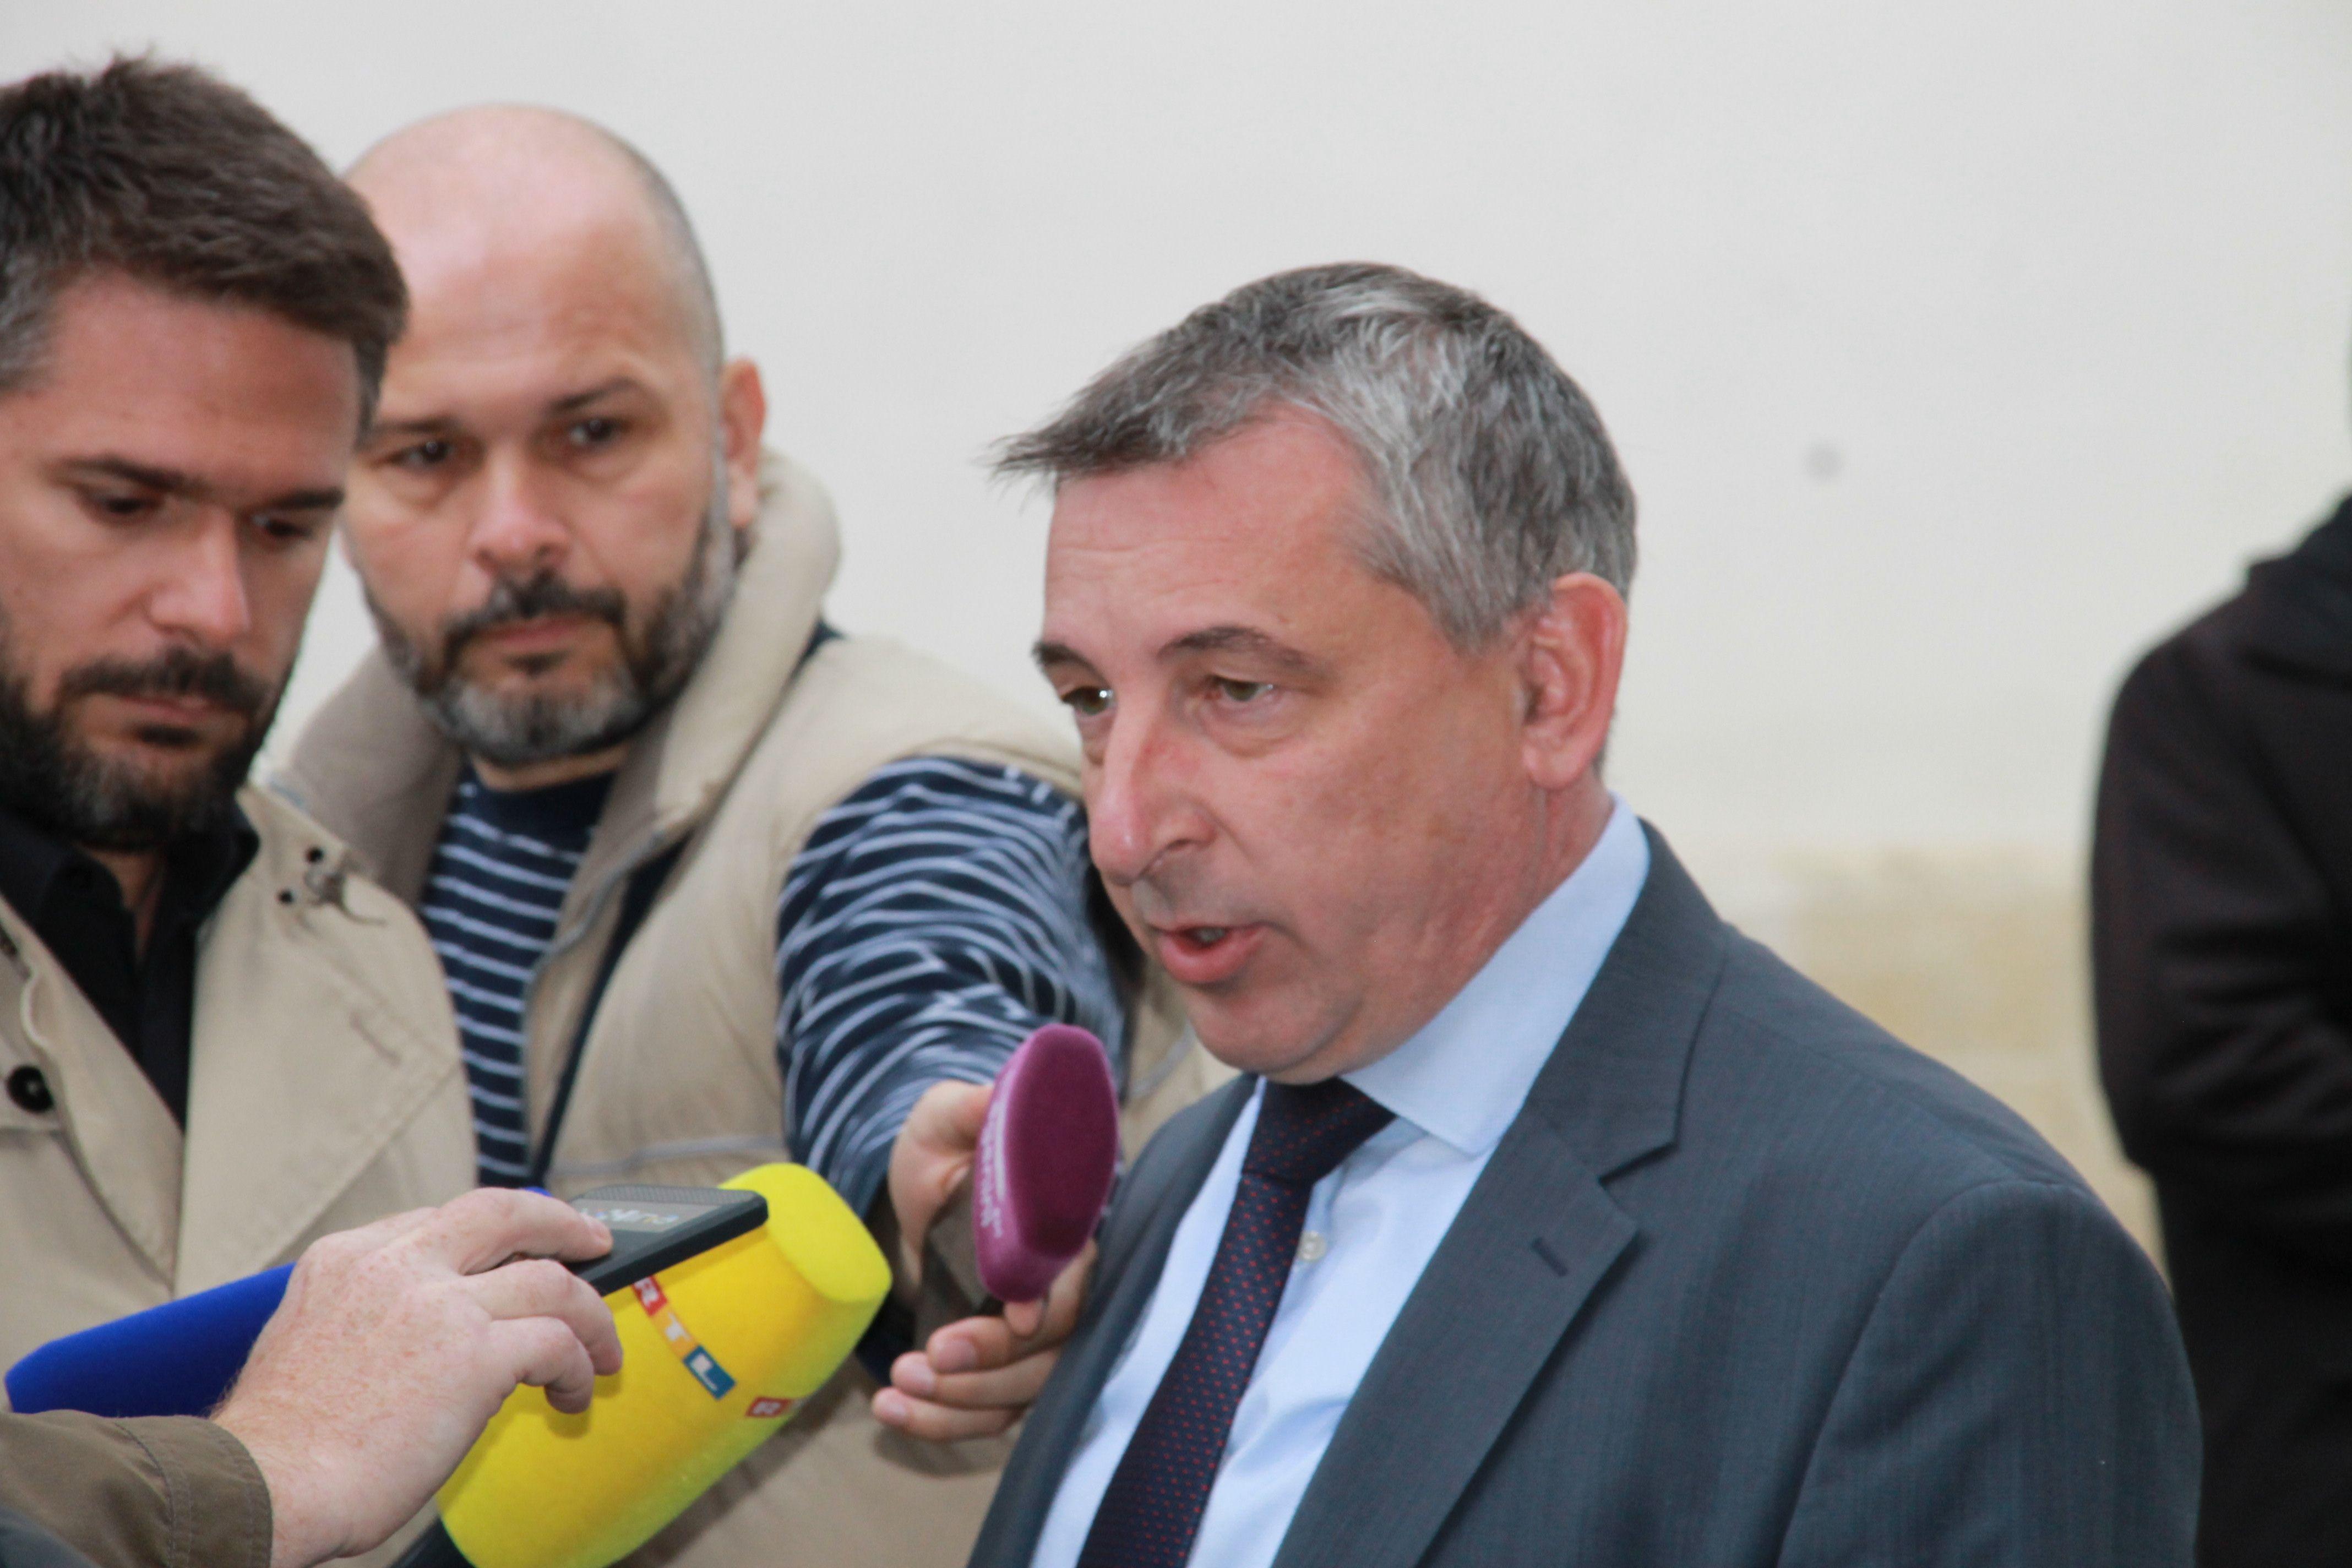 Štromar: Drago mi je da Bandić nije uspio zato jer mislim da ministrica Divjak odlično radi svoj posao